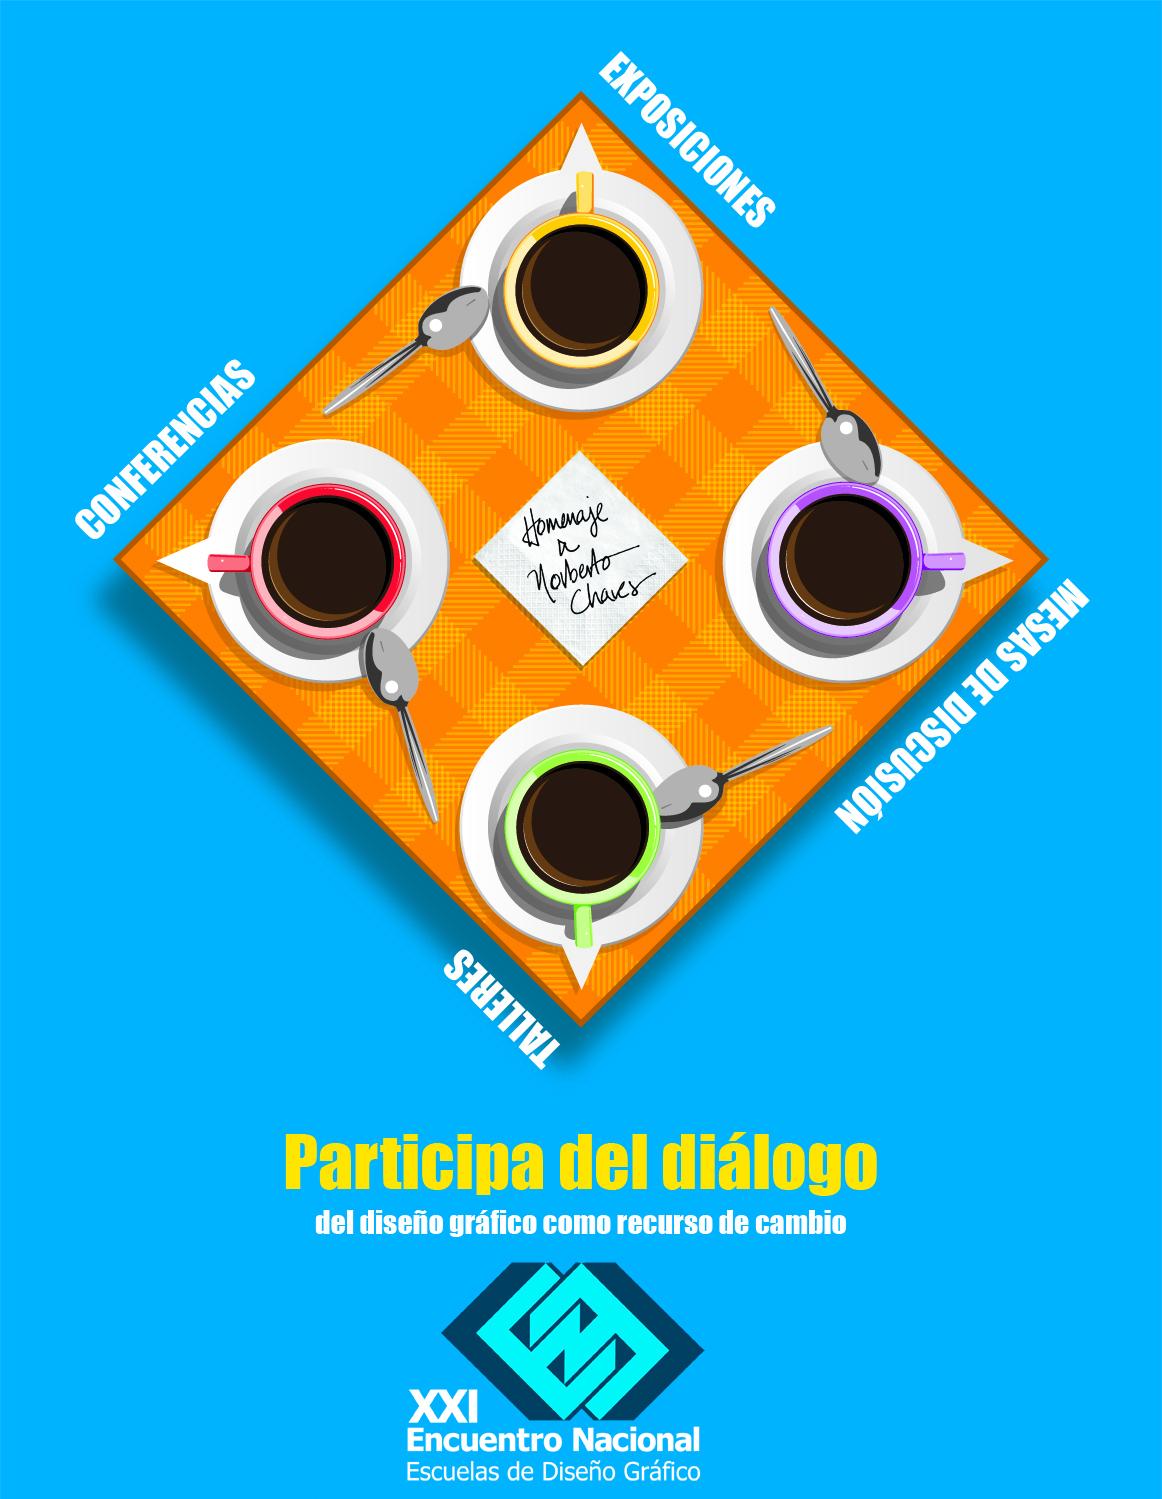 Chrysa dise o gr fico sustentable encuentro nacional for Diseno grafico escuelas